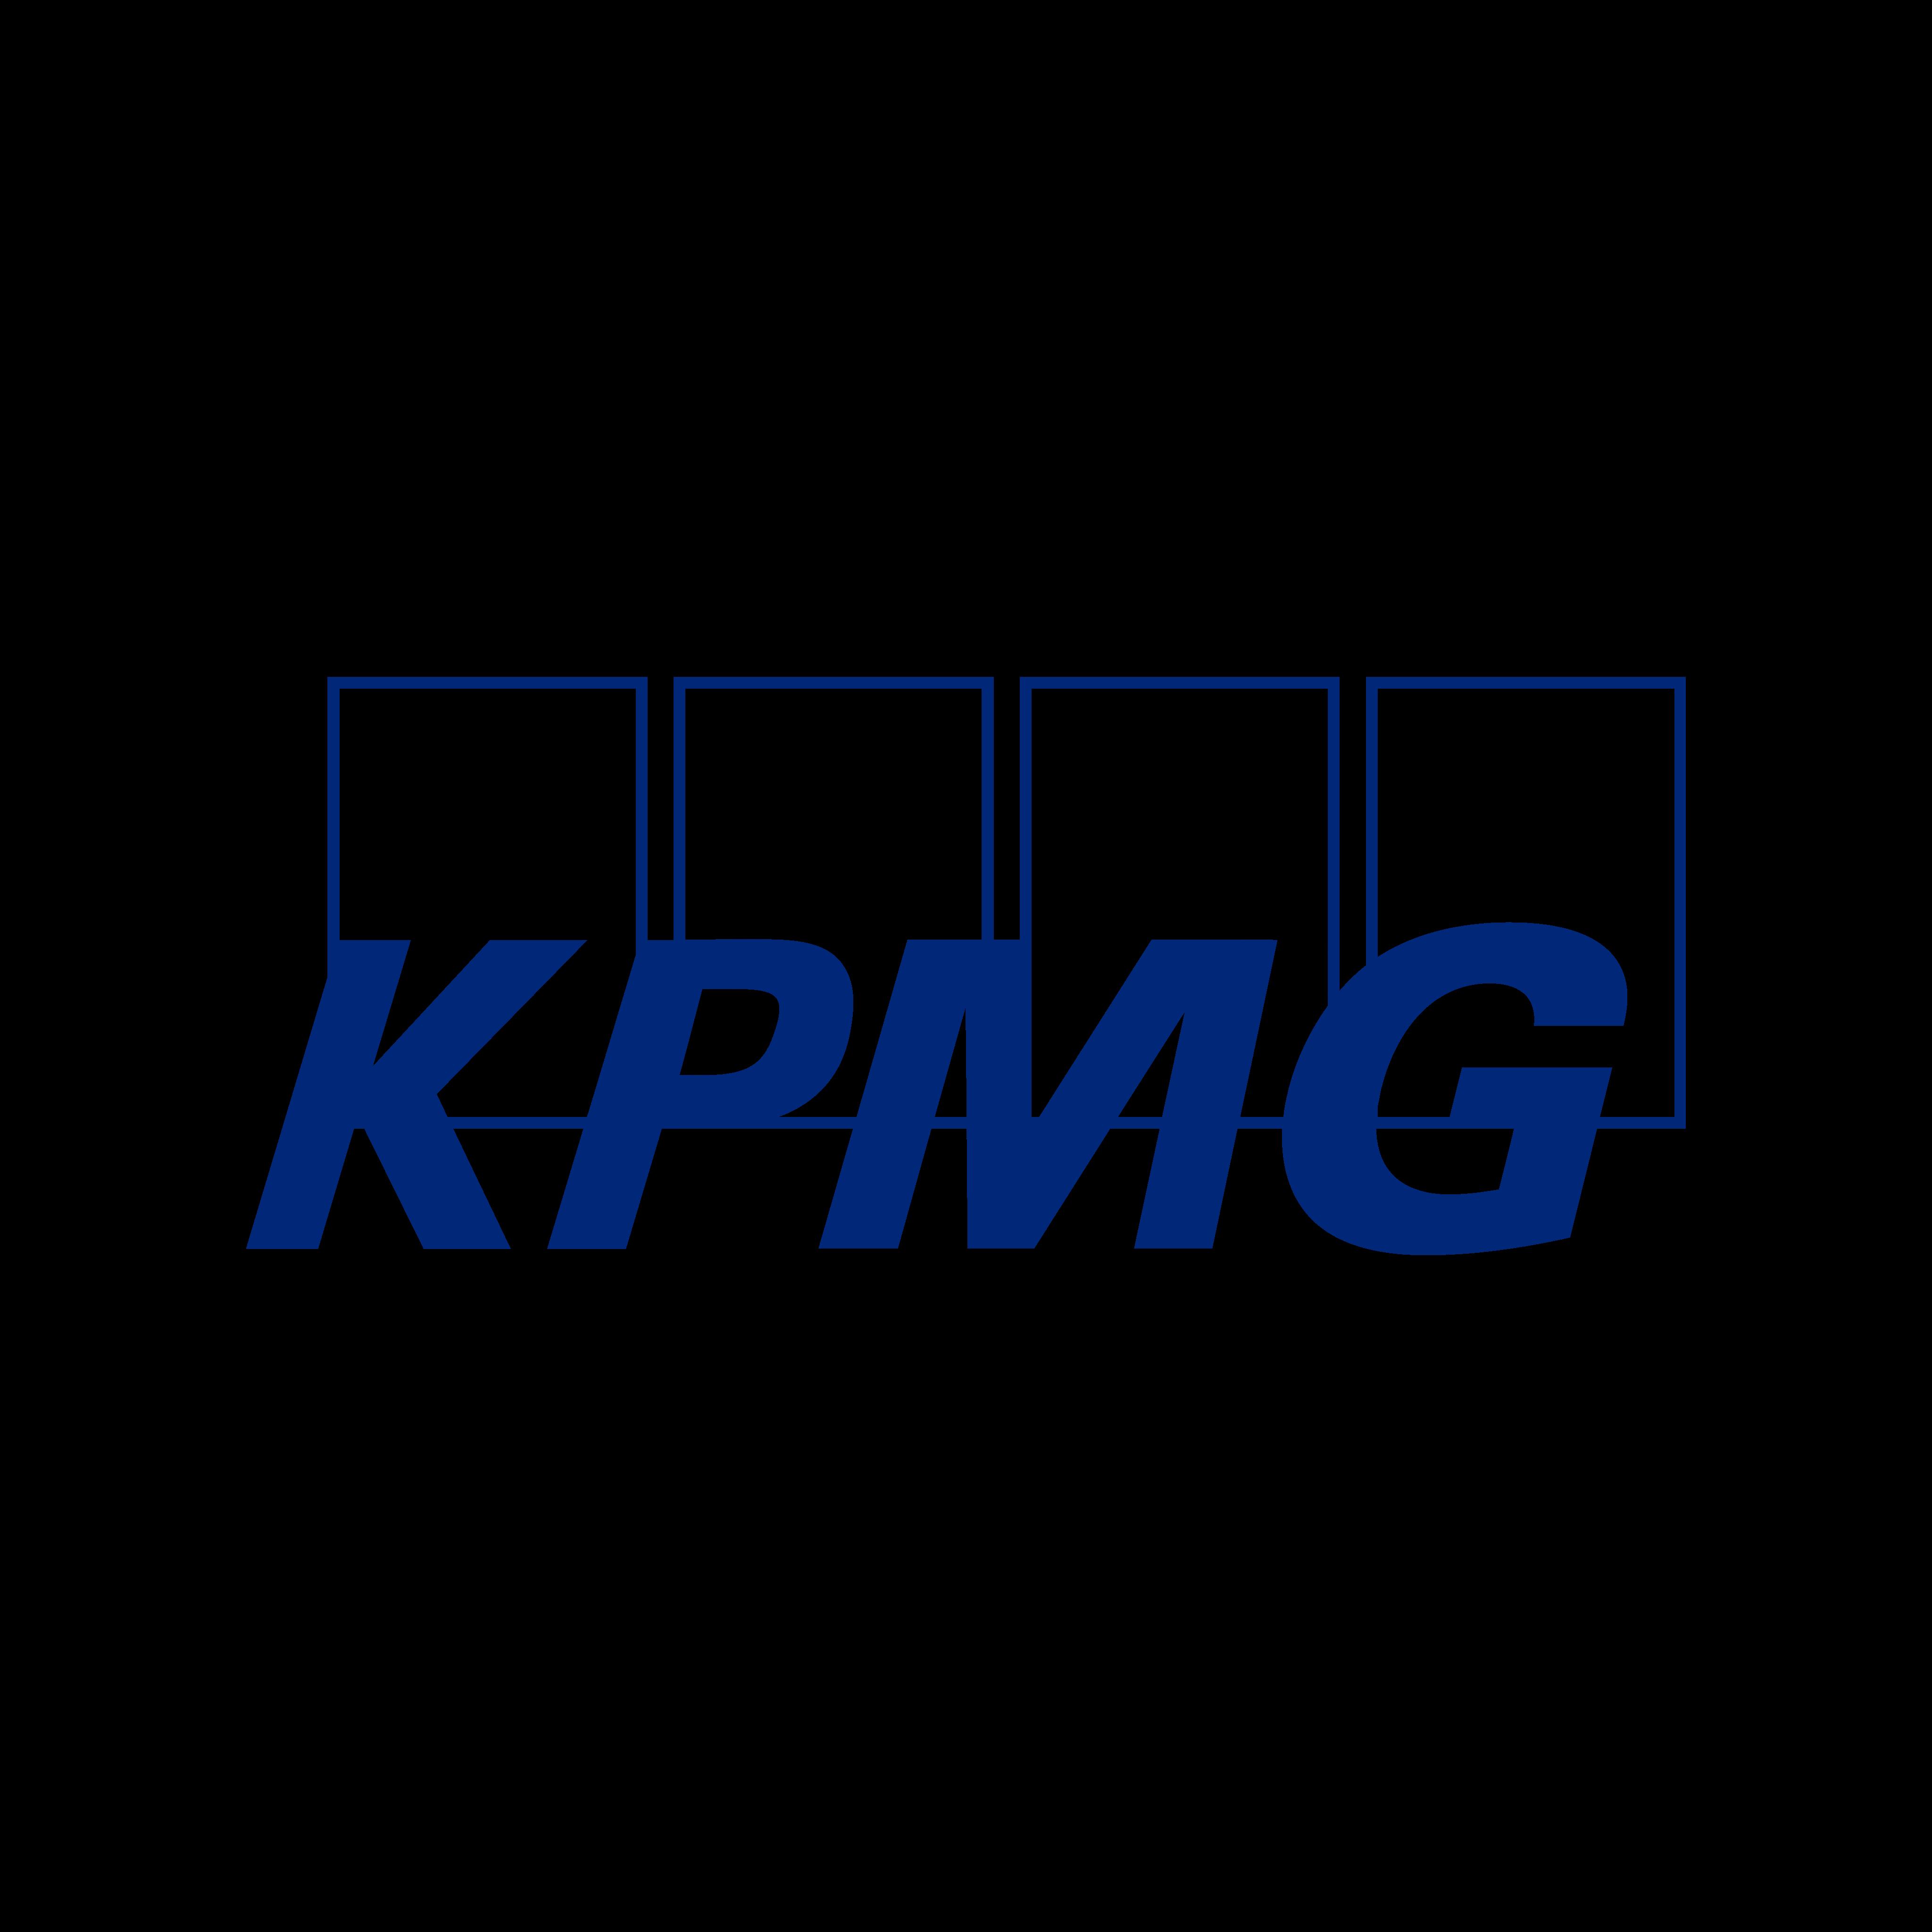 kpmg logo 0 - KPMG Logo